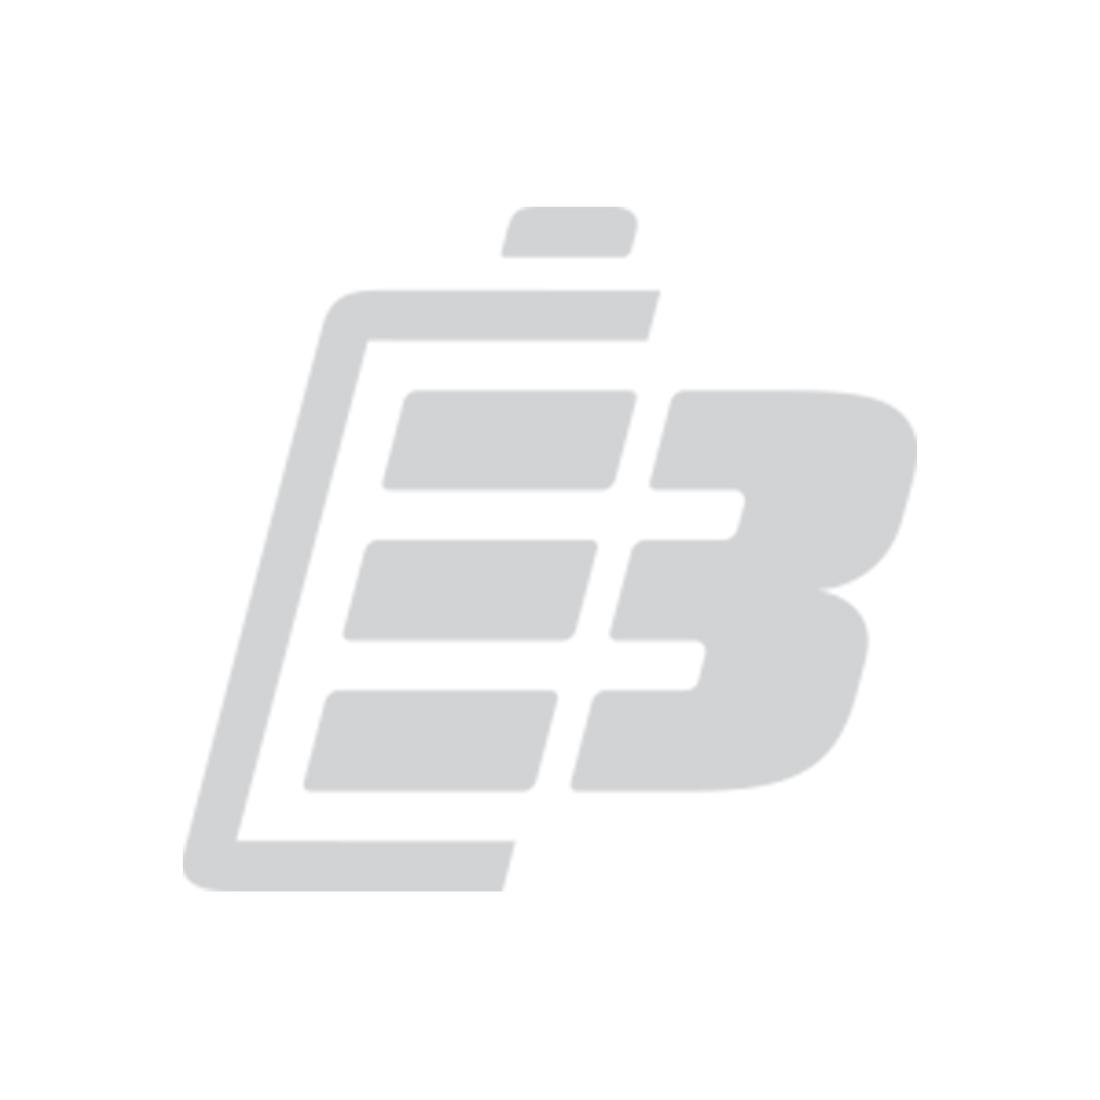 Μπαταρια Μολυβδου Multipower 8V 3Ah